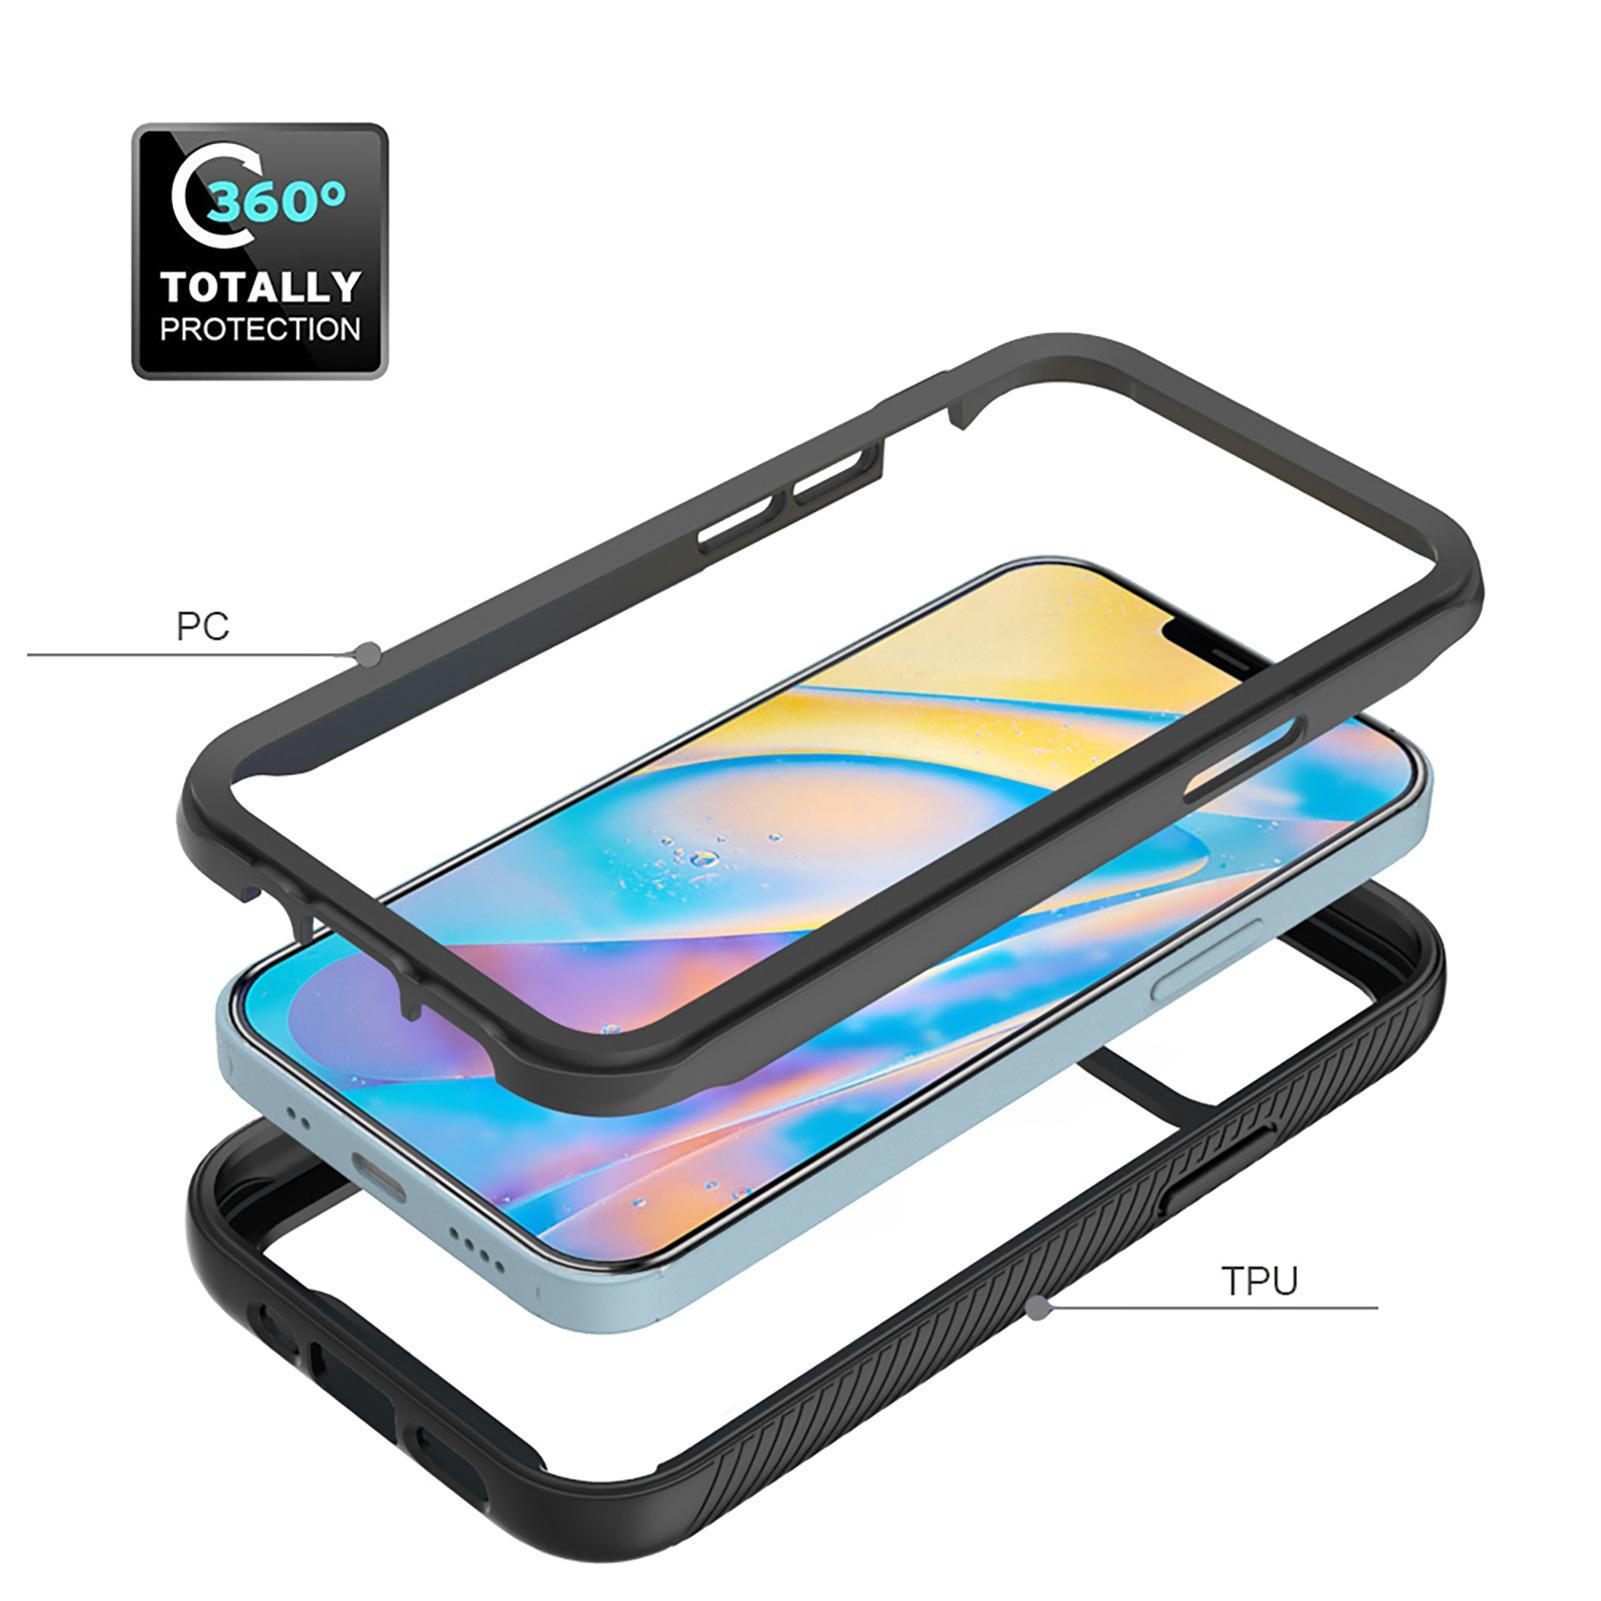 Capa de telefone de armadura à prova de choque para iPhone 12 11 Pro Xs Max X XR 6 7 8 PLUS SE 2020 Caixa Slim com Frame Frontal